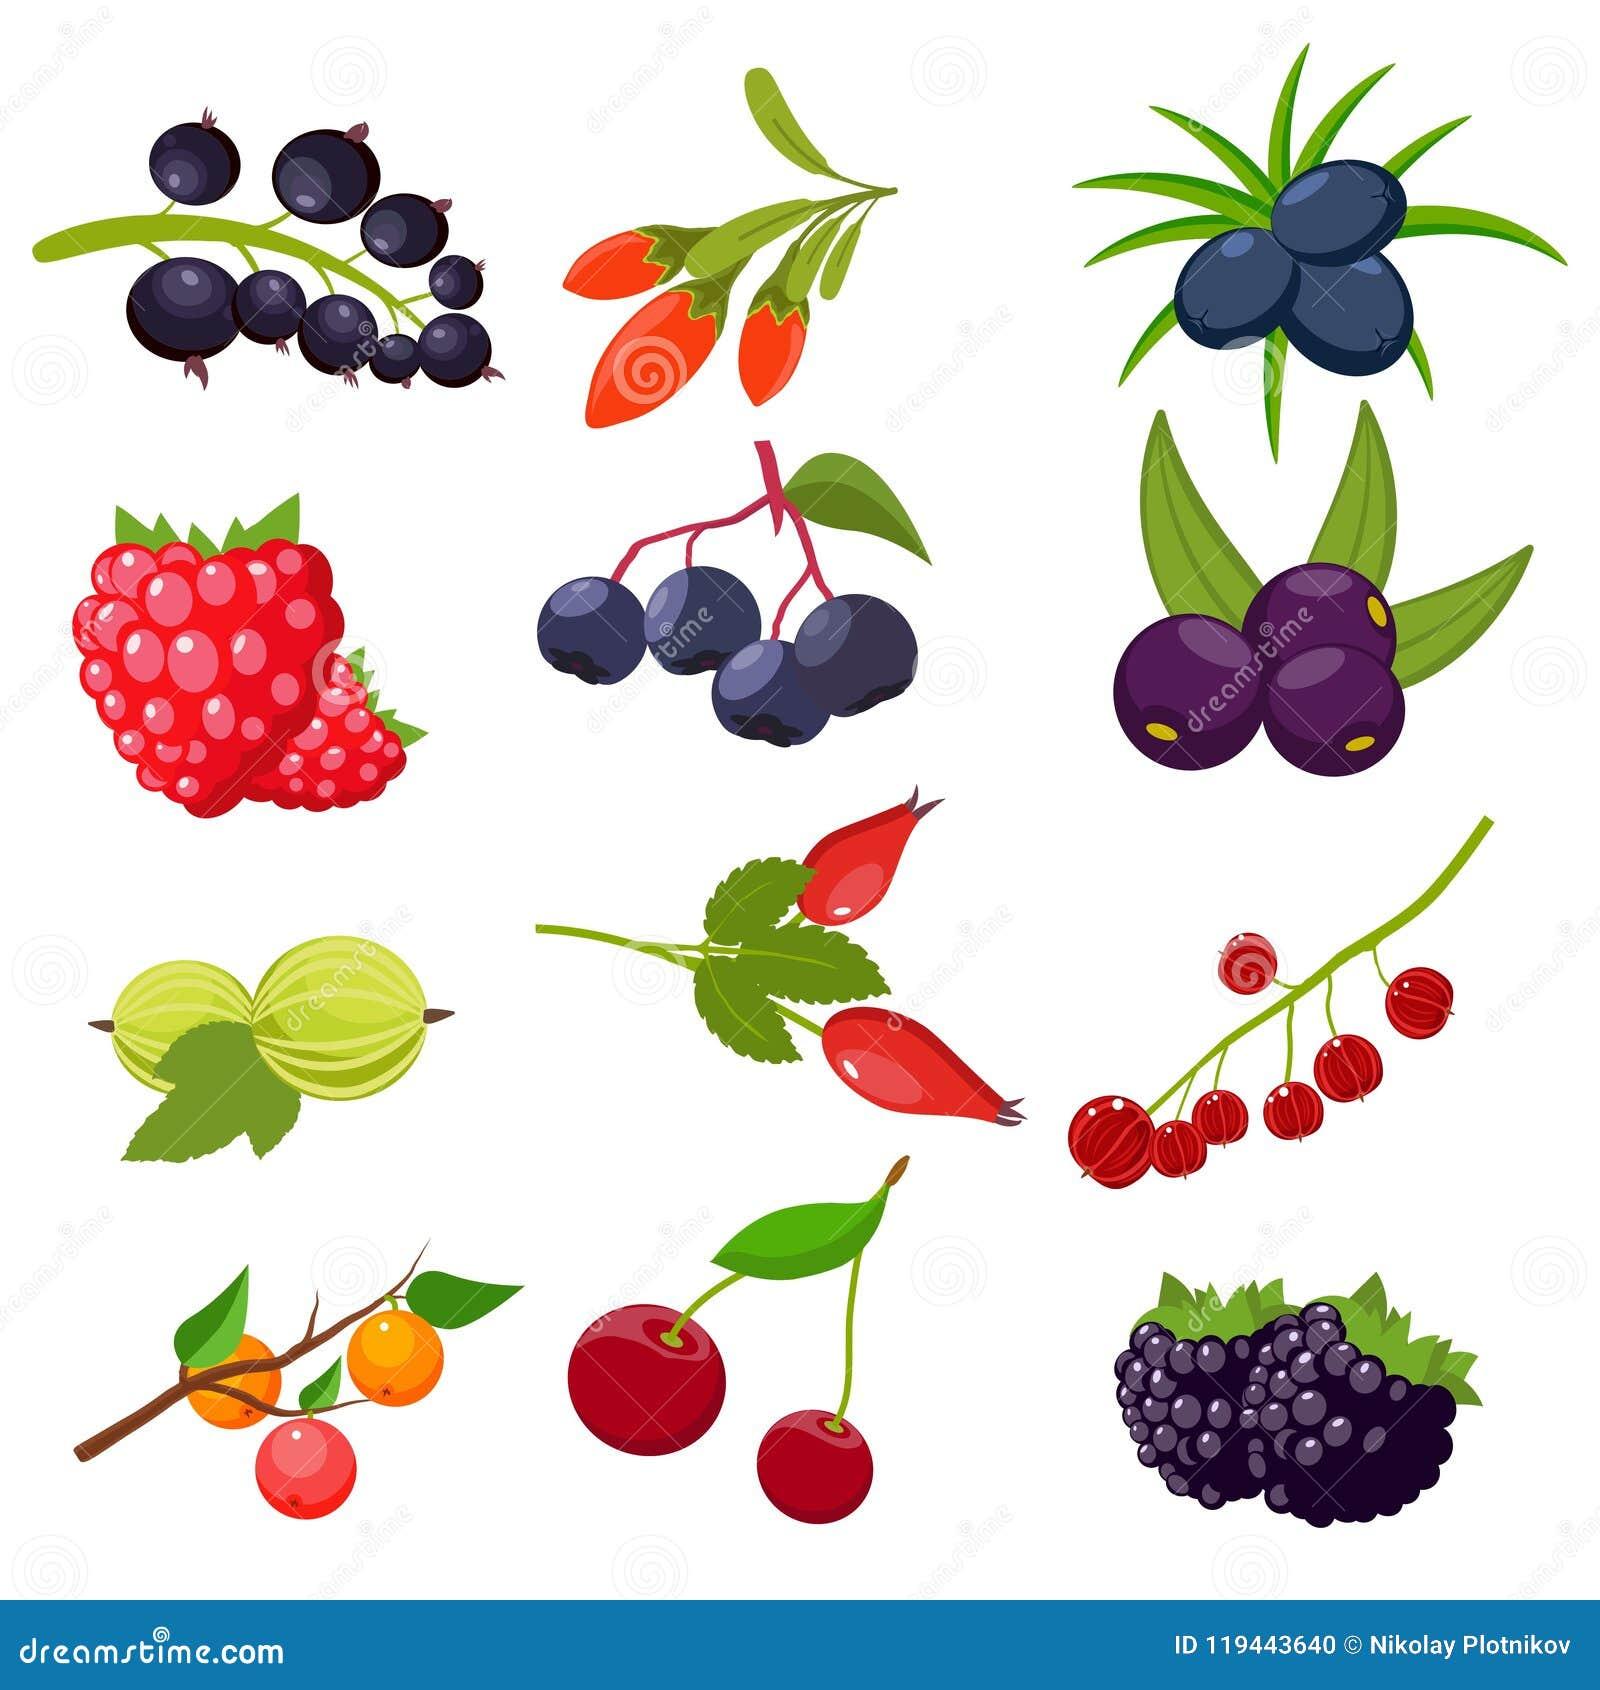 设置莓果被隔绝在白色背景:无核小葡萄干,樱桃,莓,花揪,鹅莓, dogrose,黑莓, goji